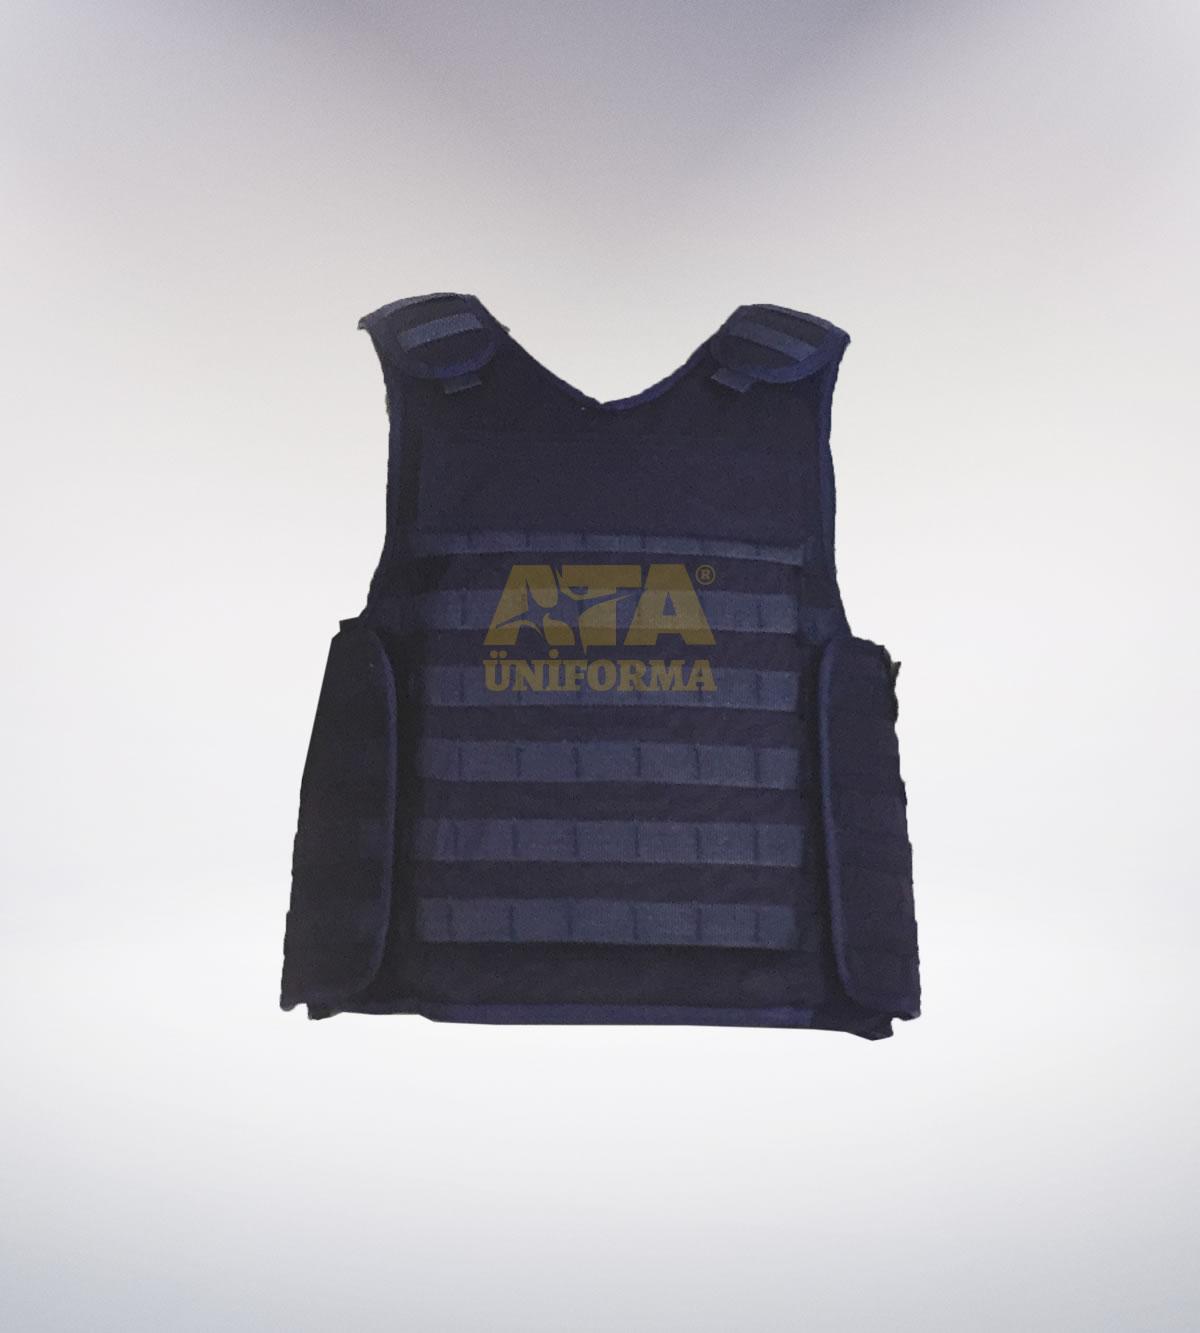 ATA-1070 Balistik kurşun geçirmez çelik yelek -  asker elbiseleri | asker üniformaları | asker kıyafetleri | polis elbiseleri | polis üniformaları | polis kıyafetleri